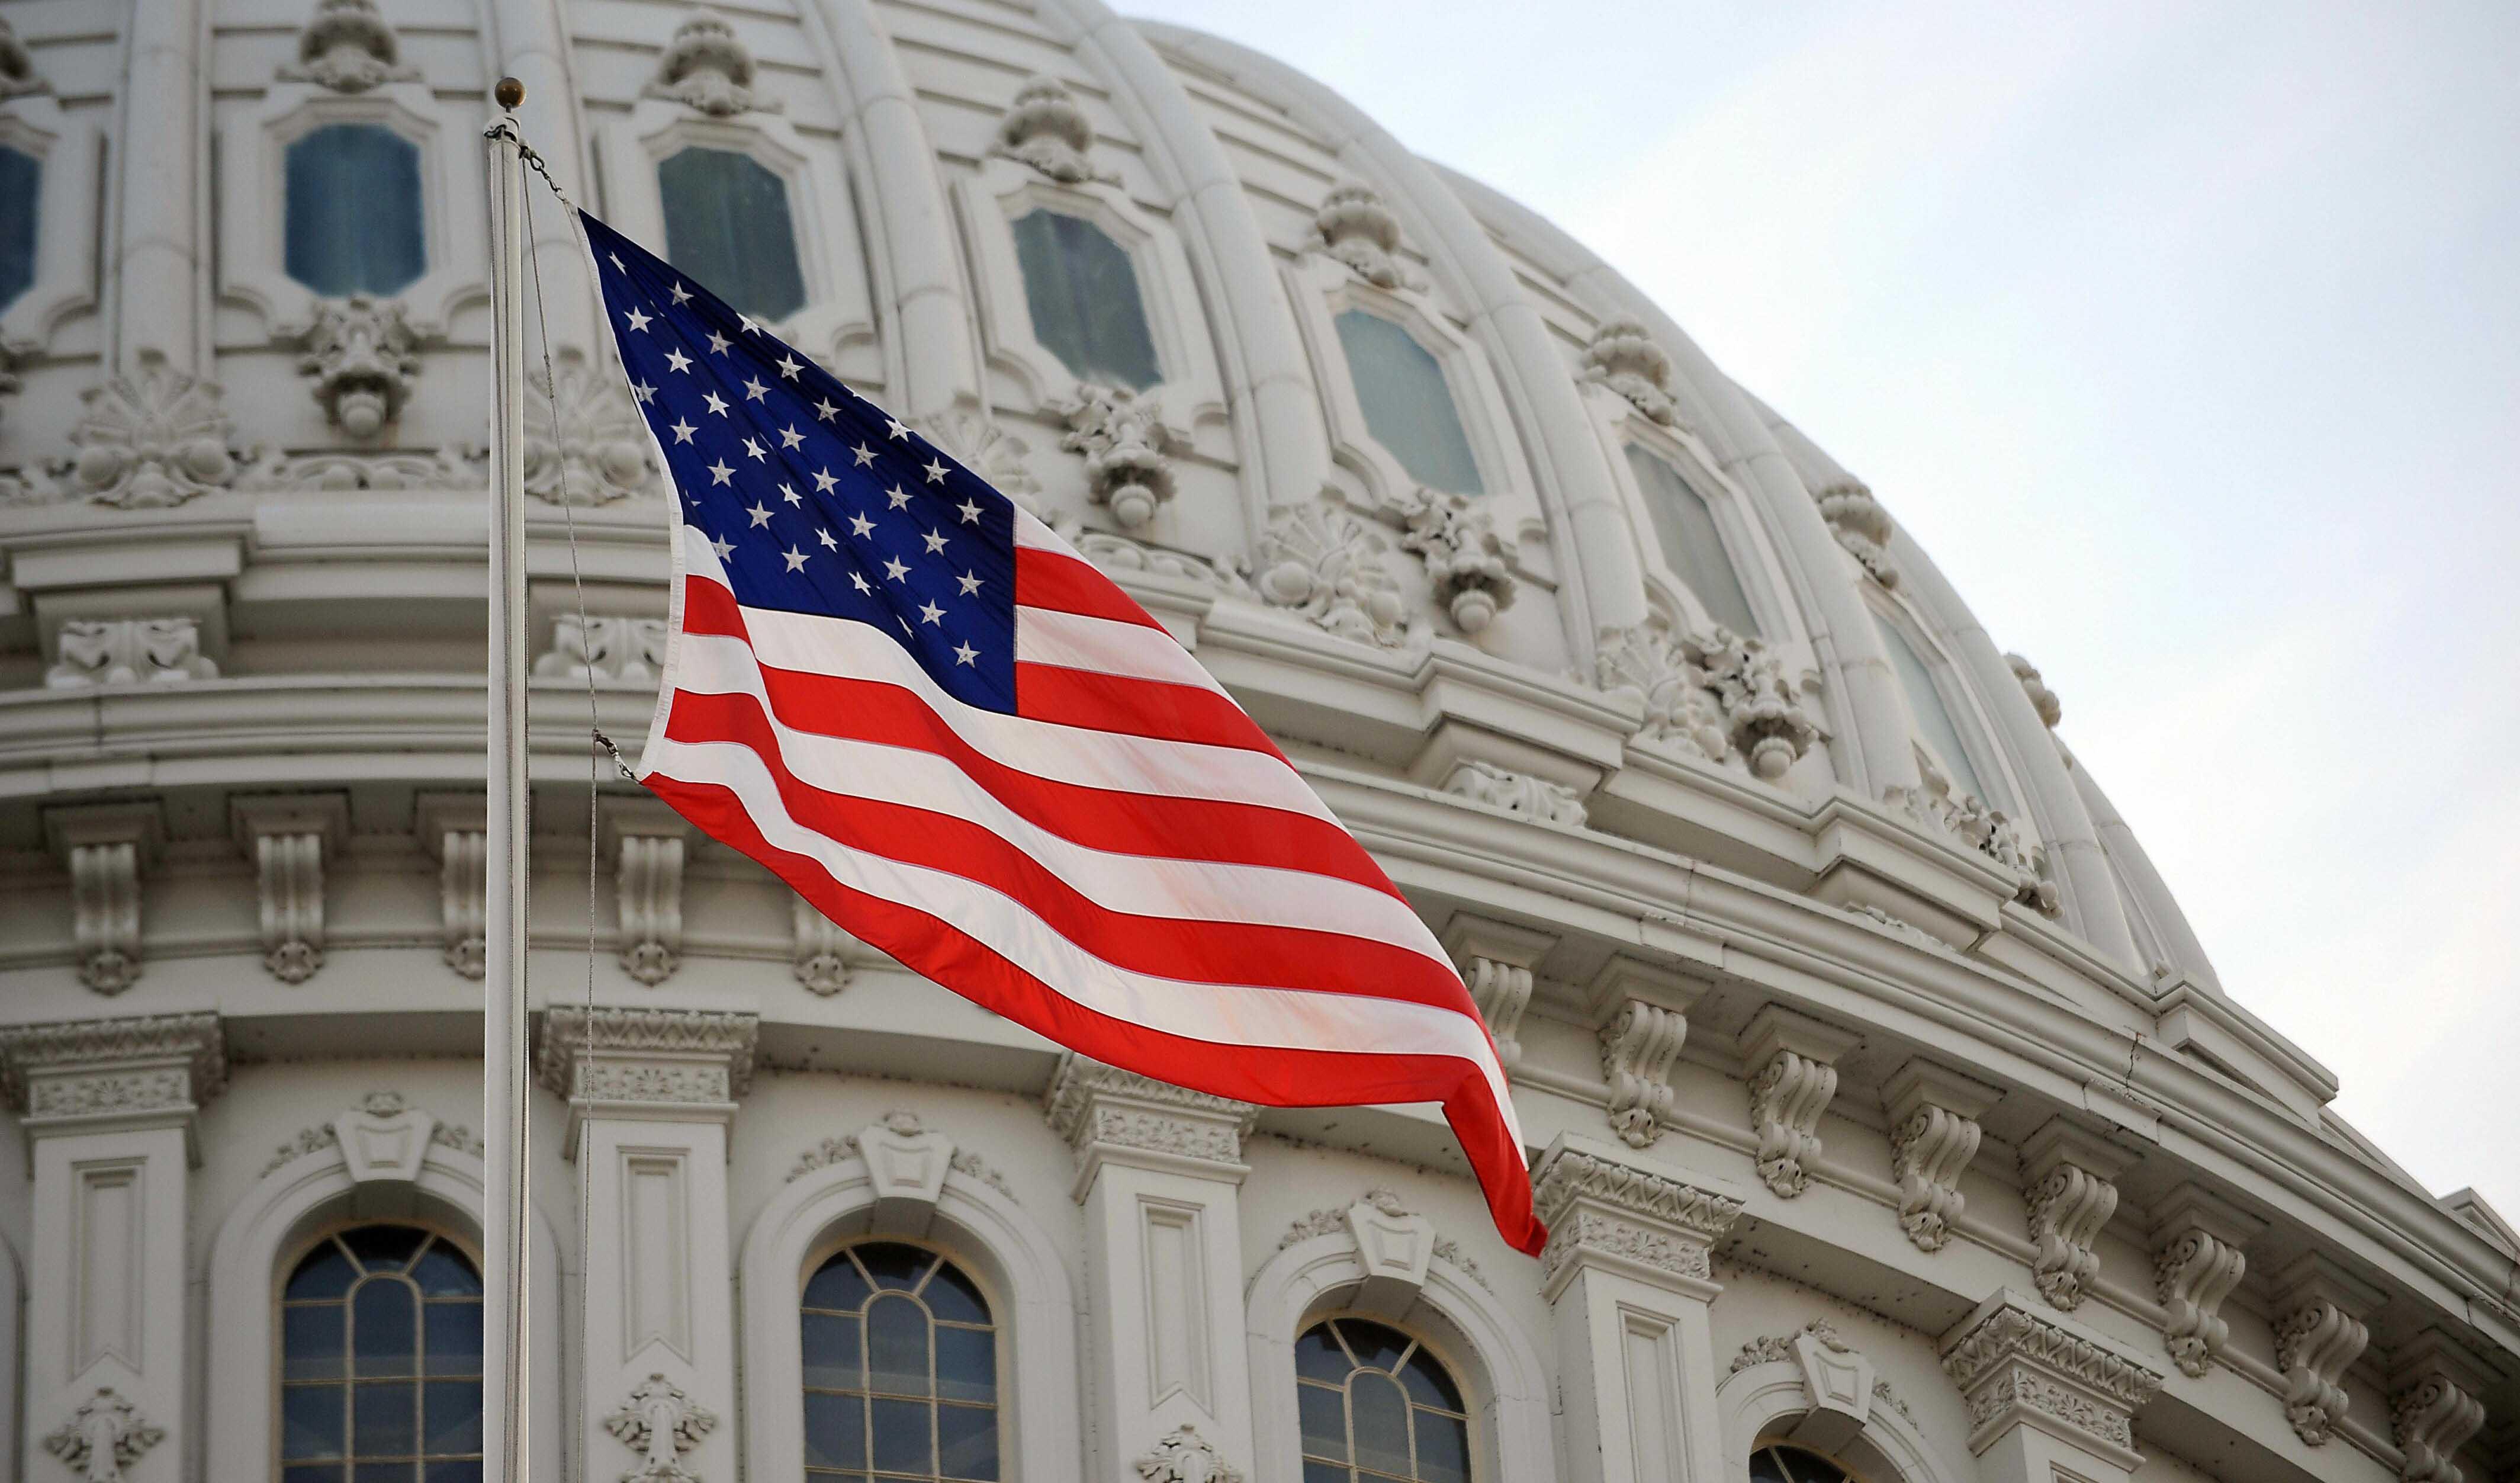 بدهی آمریکا بالای ۸۵ تریلیون دلار!